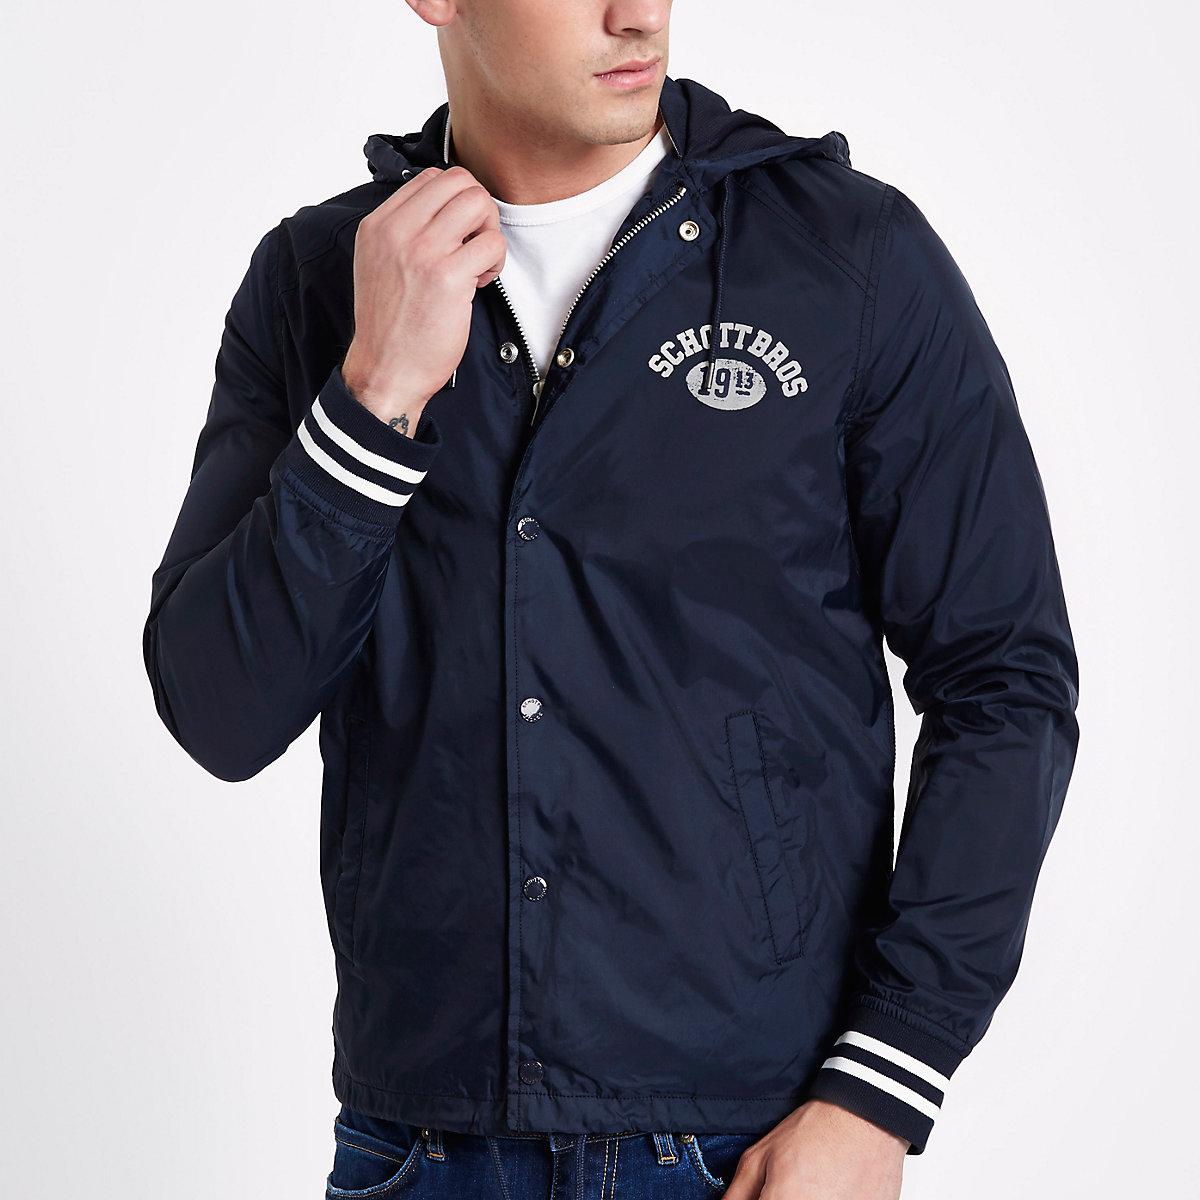 Schott navy coach jacket